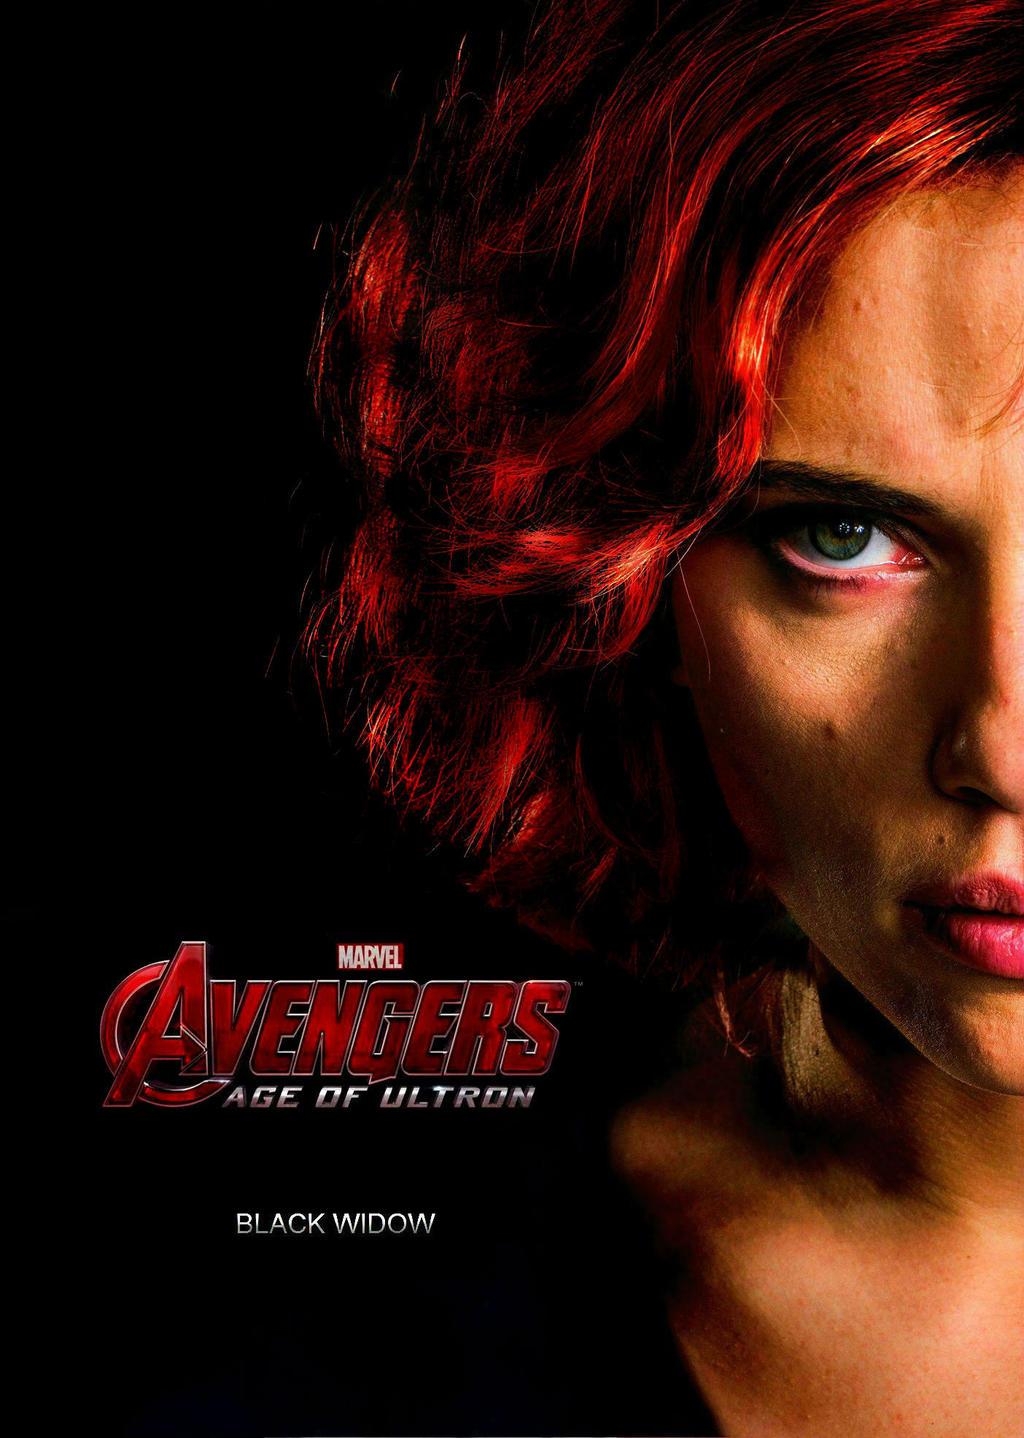 Black Widow Avengers Age Of Ultron Fan-Poster by ...